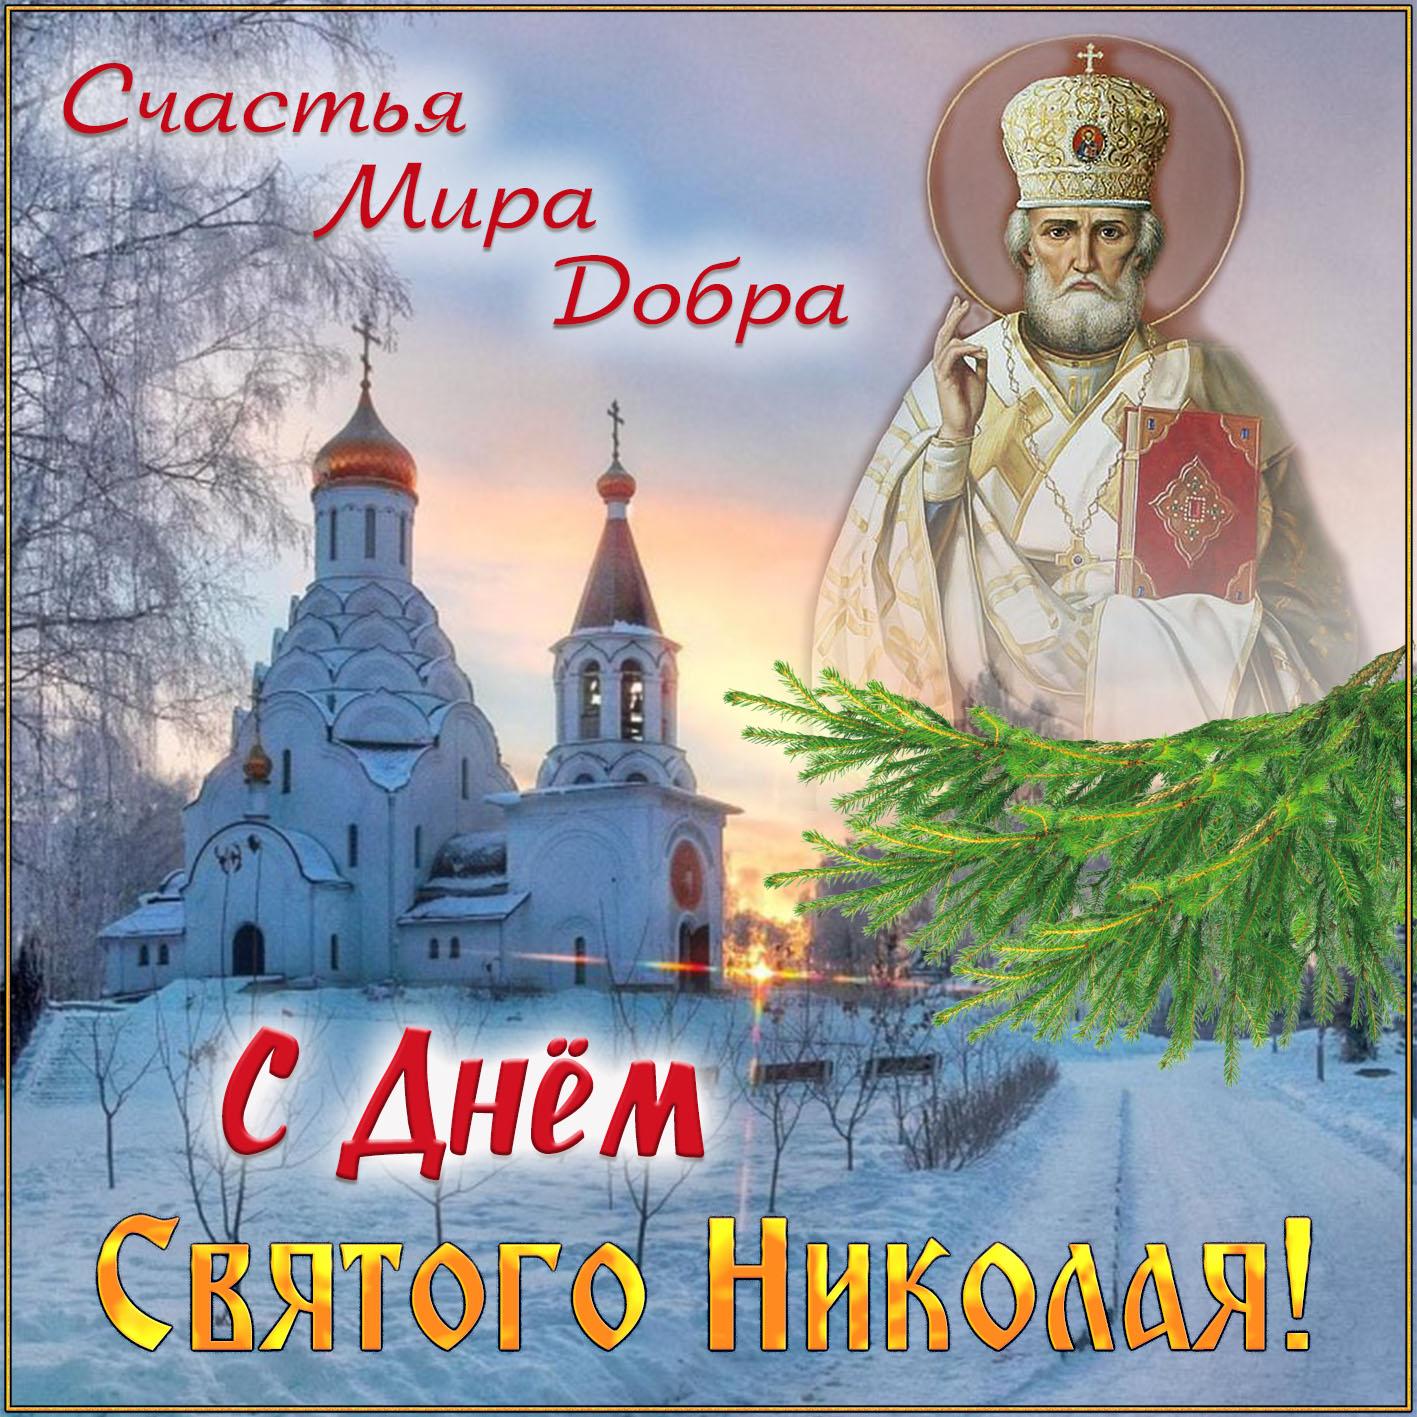 А открытки с праздником св николая рисунки